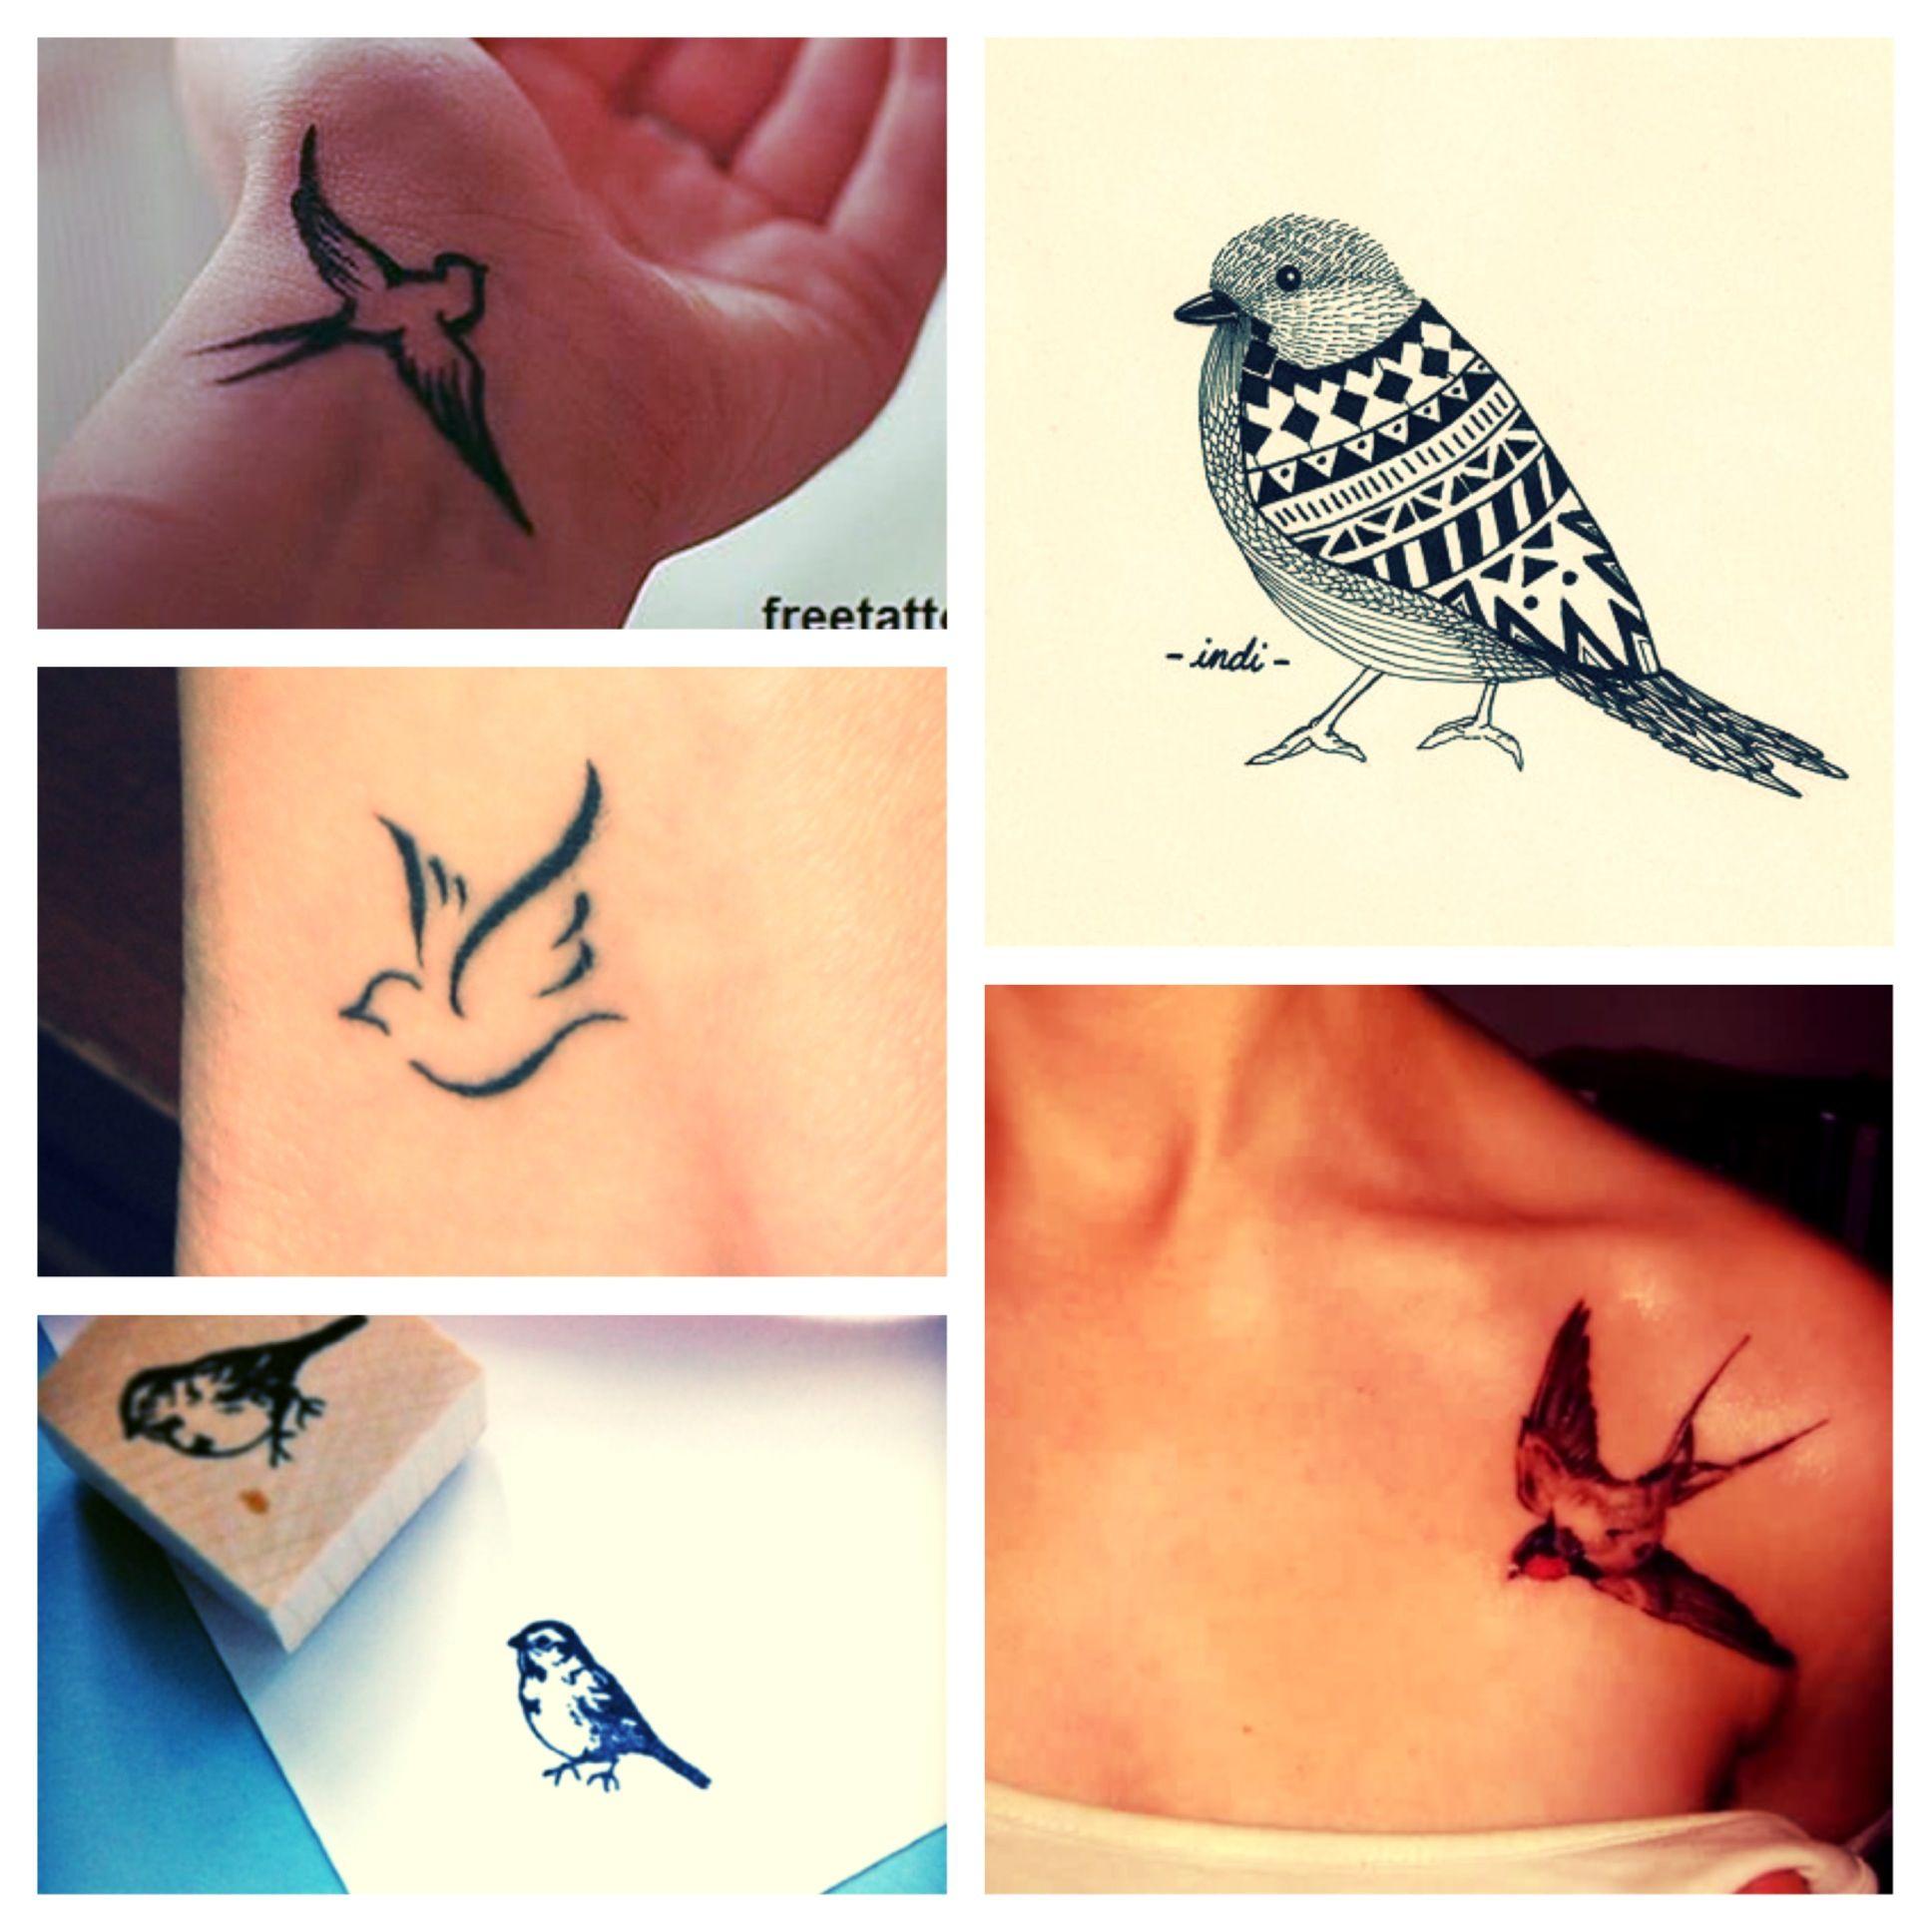 Tattoo Ideas Free Bird Tattoo Inspirational Tattoos Tattoos